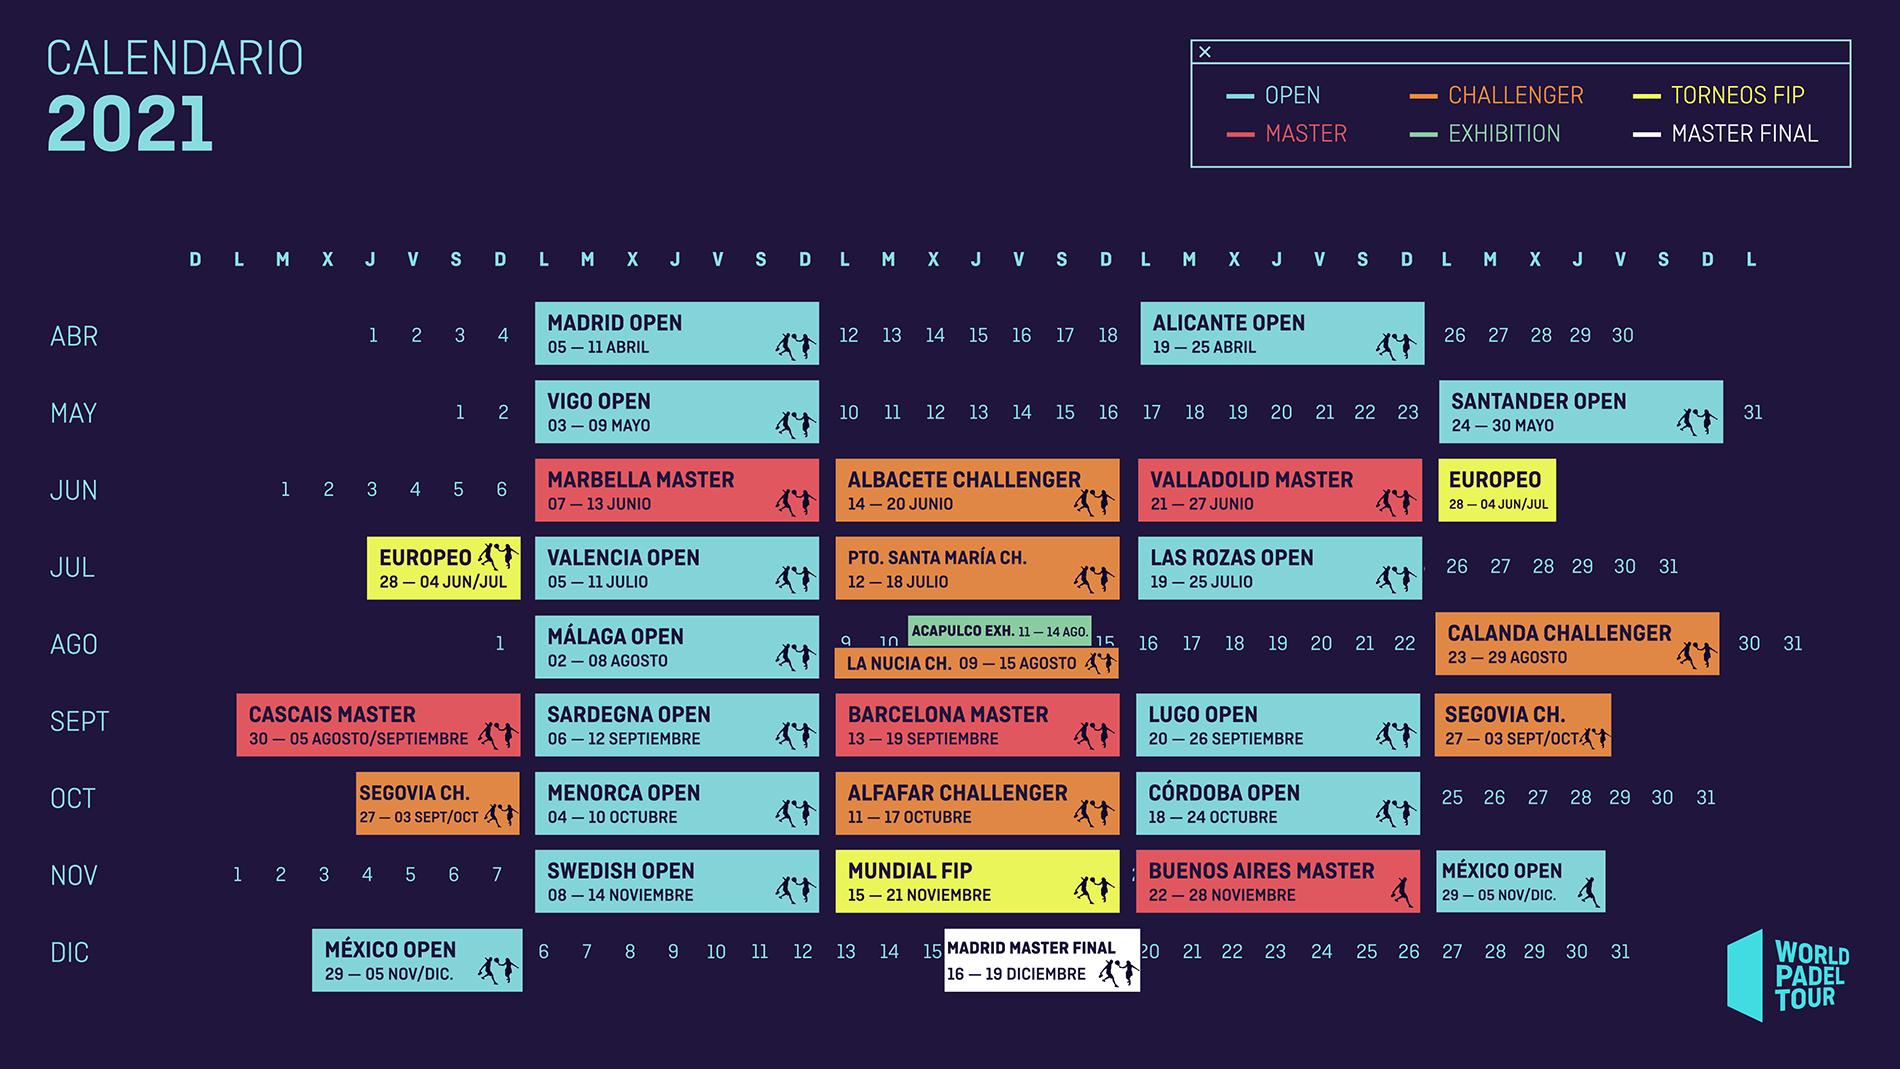 Календарь 2021 года турниров мирового первенства по игре в падел WPT